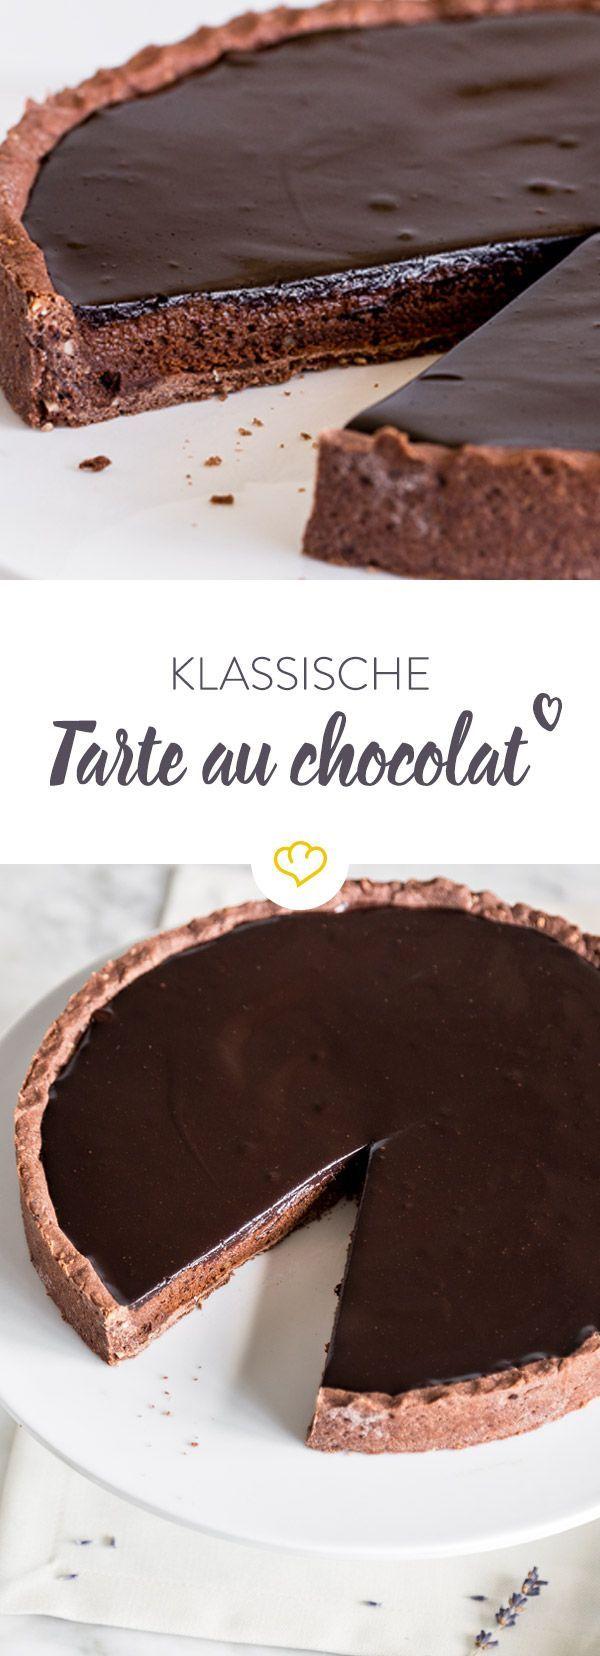 Die Krönung der französischen Patisserie: Eine bessere Tarte au chocolat als diese hast du bestimmt noch nicht gegegessen!